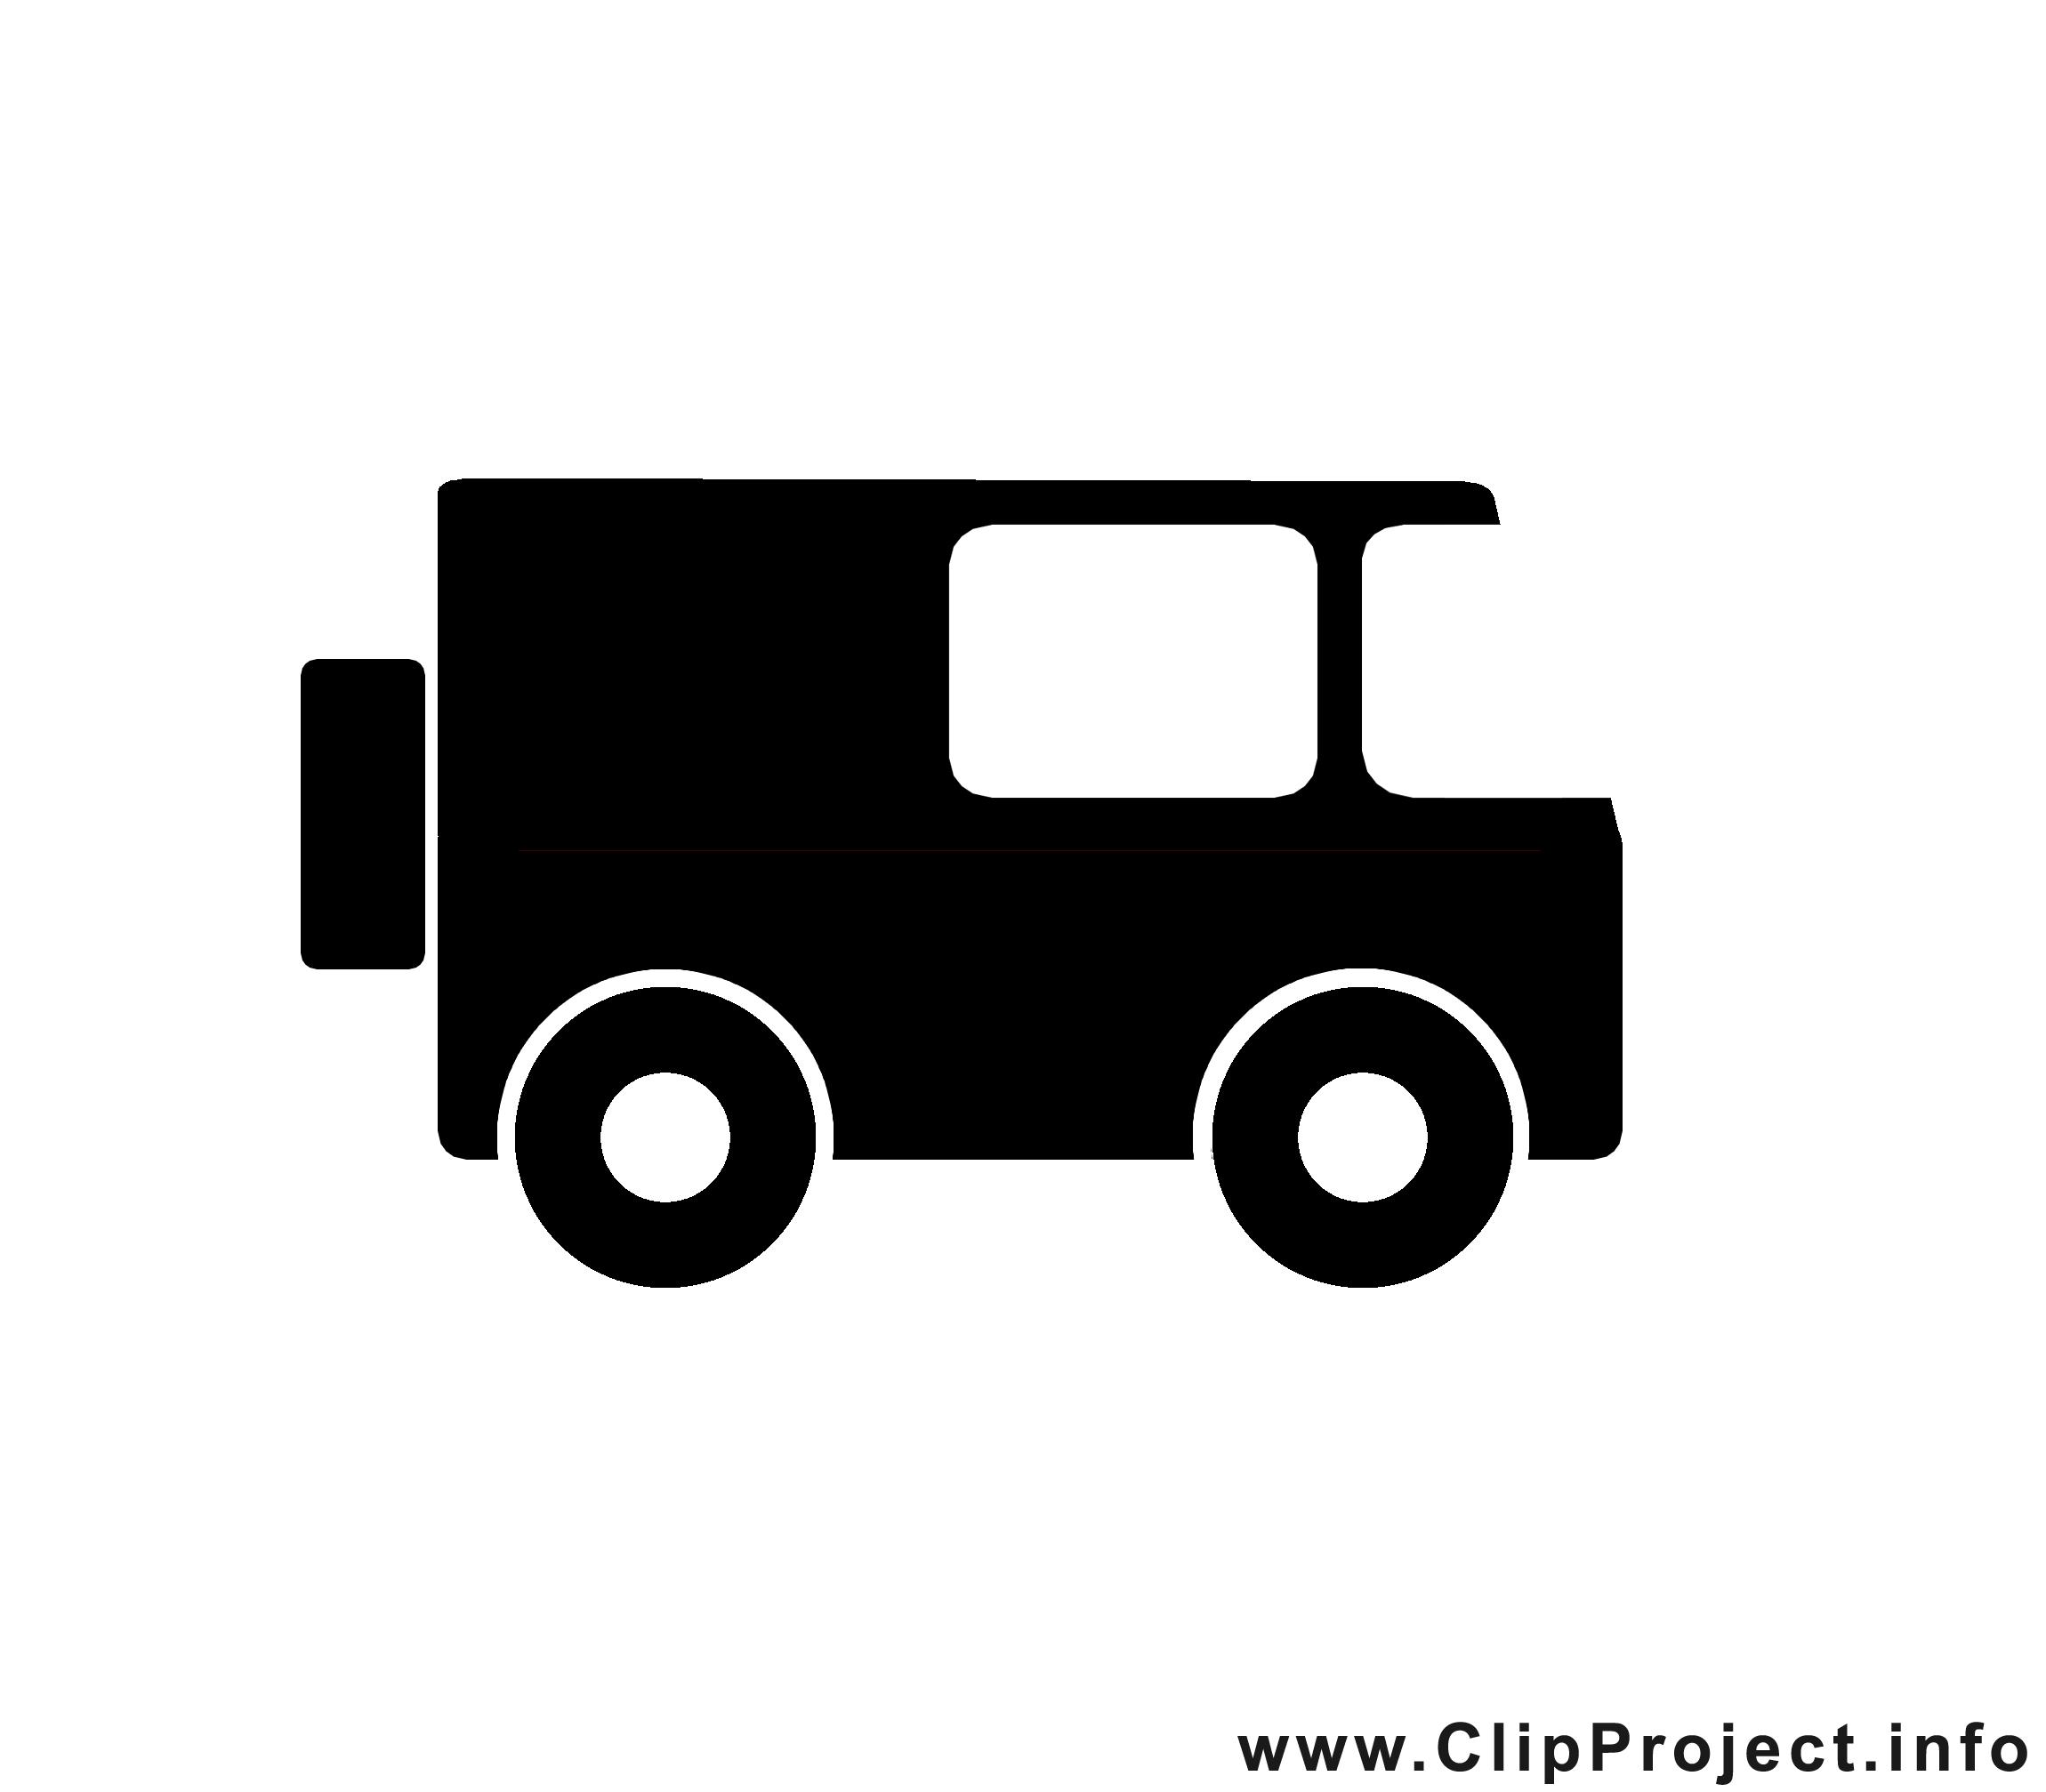 Auto clipart gratuit - Noir et blanc images